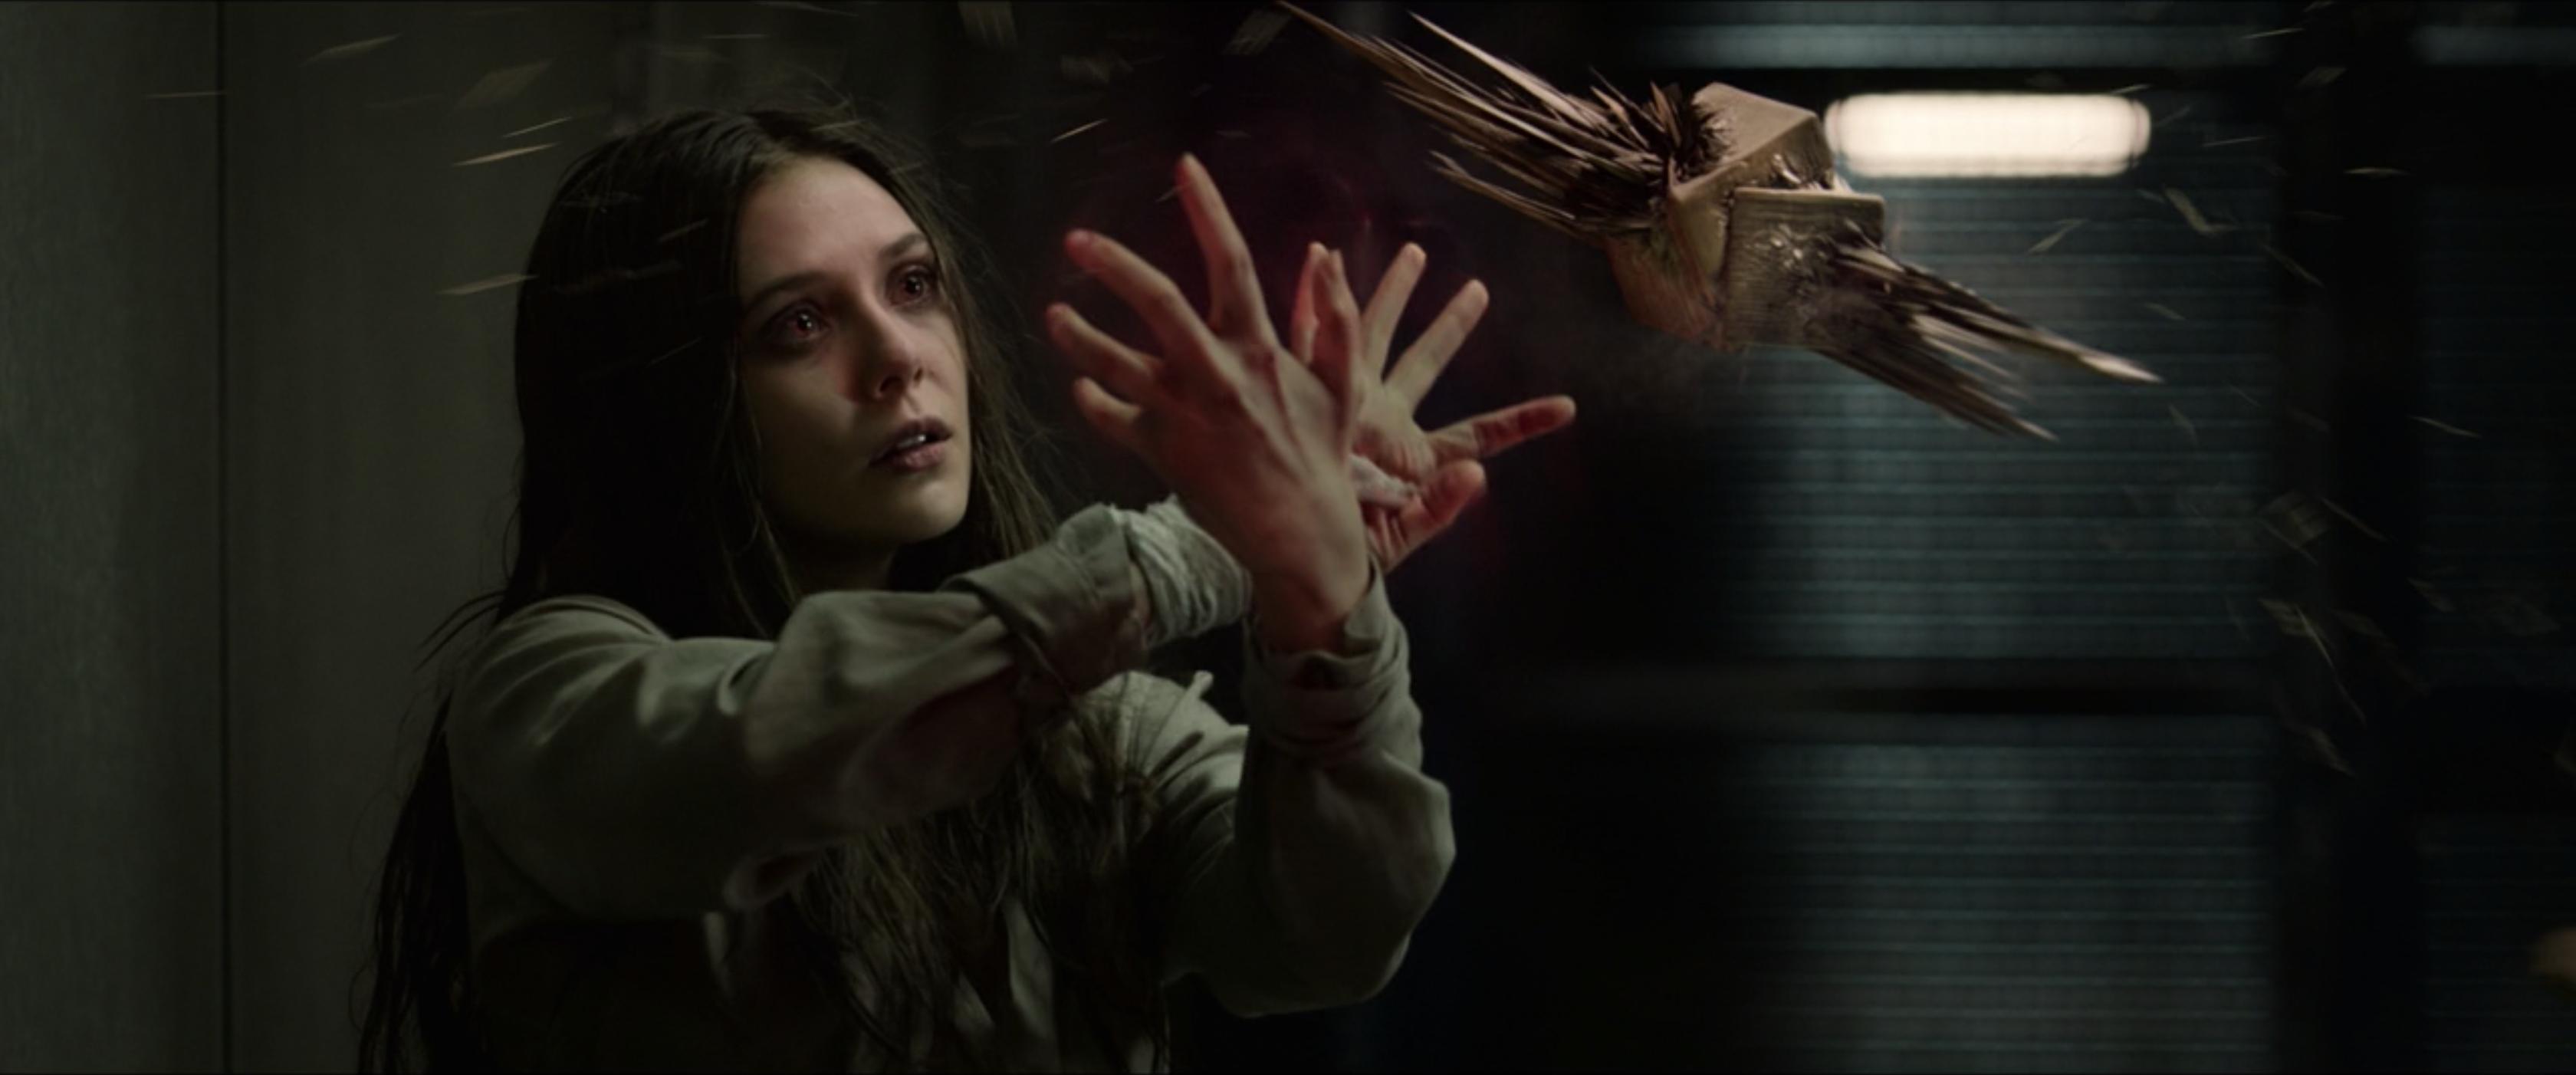 image scarlet witch blockspng marvel cinematic